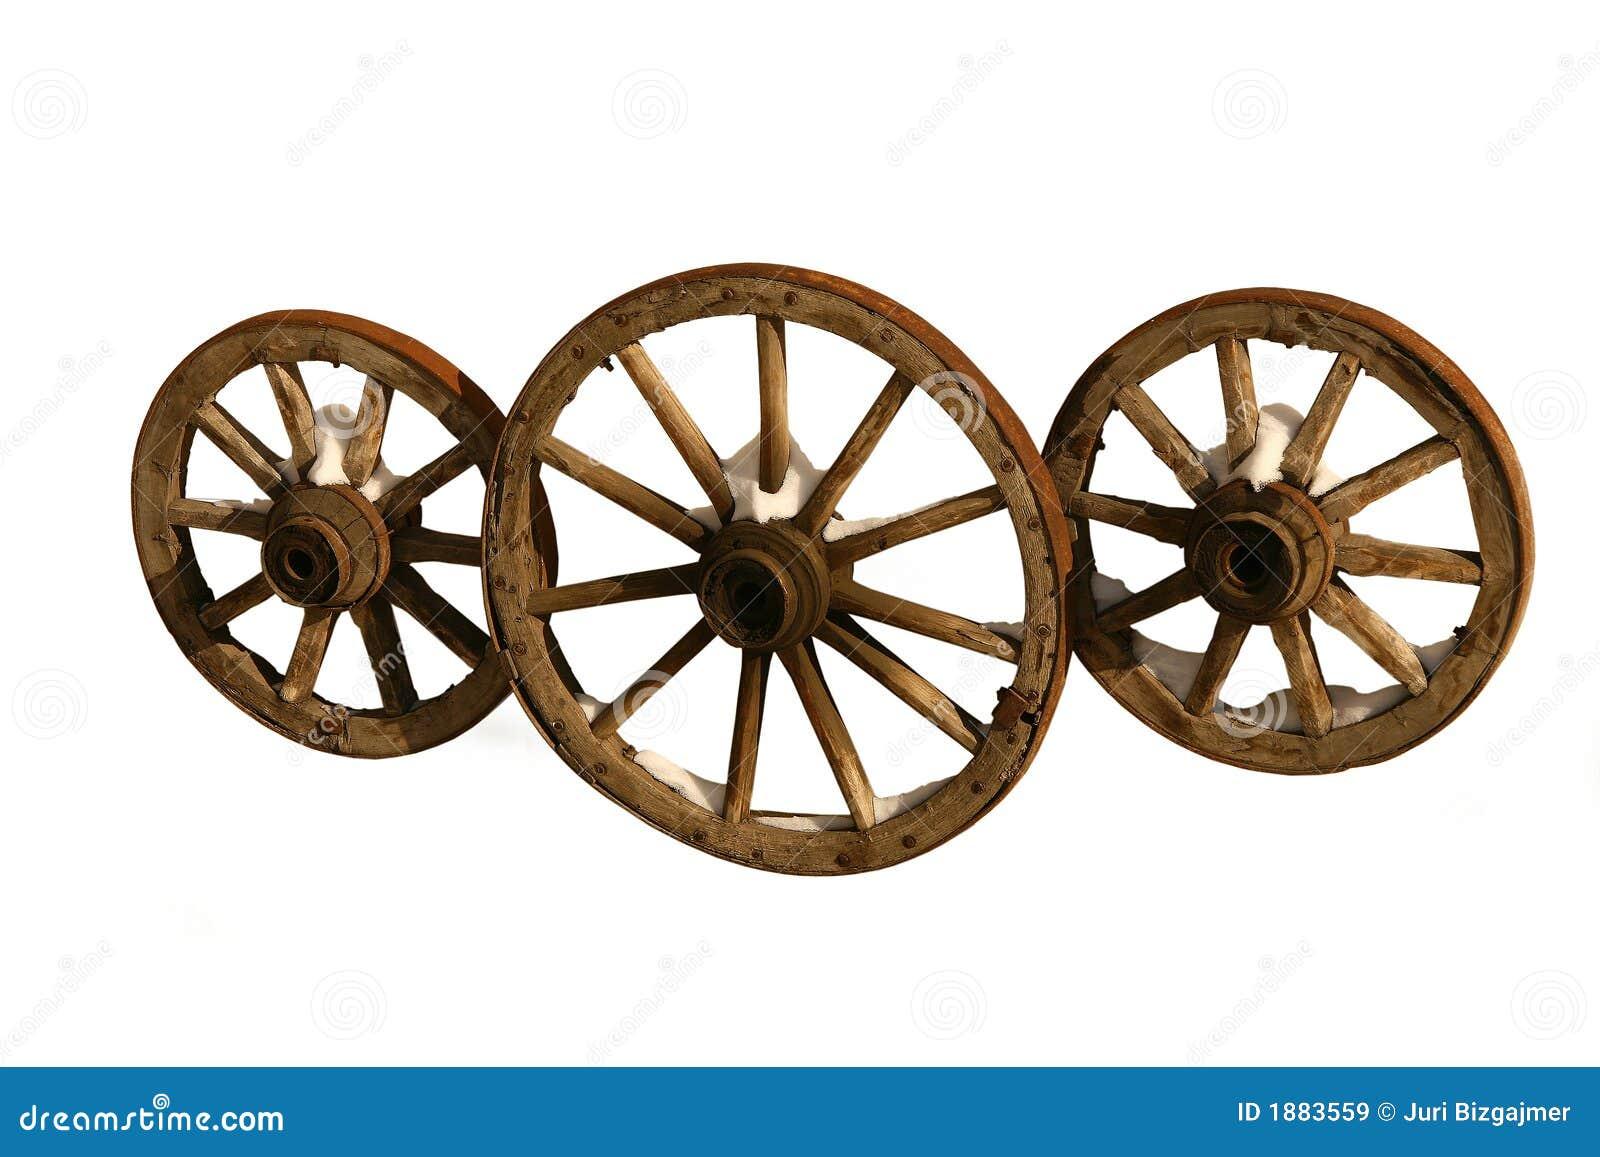 Drie houten wielen royalty vrije stock afbeeldingen beeld 1883559 - Houten doos op wielen ...